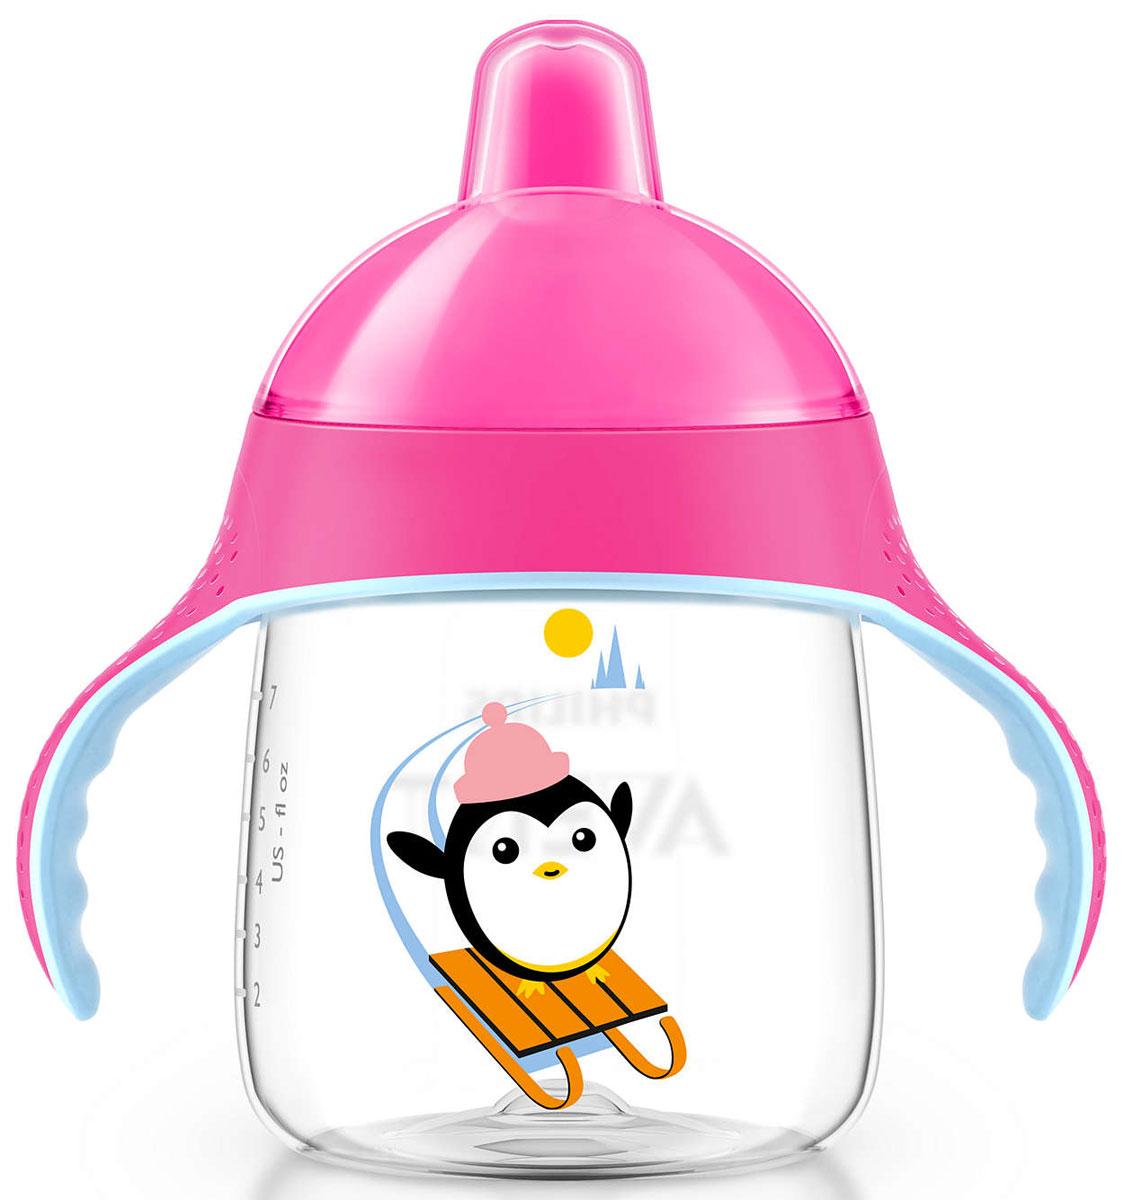 Philips Avent Волшебная чашка-непроливайка для детей от 12мес., розовый SCF753/00SCF753/00Чашка-поильник Philips Avent, выполненная из высококачественных материалов, обладает уникальным дизайном и функциональностью. Расположенный под углом носик помогает малышу сделать первые глотки, не отклоняя голову назад слишком сильно. Во время питья малыш может держать шею в естественном положении. Клапан пропускает воду, только когда малыш пьет. Обучающие ручки приучают малыша держать чашку и пить без посторонней помощи. Они разработаны специально для маленьких ручек малыша и выполнены из материала, препятствующего проскальзыванию. Защитный гигиеничный колпачок всегда сохраняет носик в чистоте - как дома, так и на прогулке. Все детали можно мыть в посудомоечной машине. Не содержит бисфенол-А.